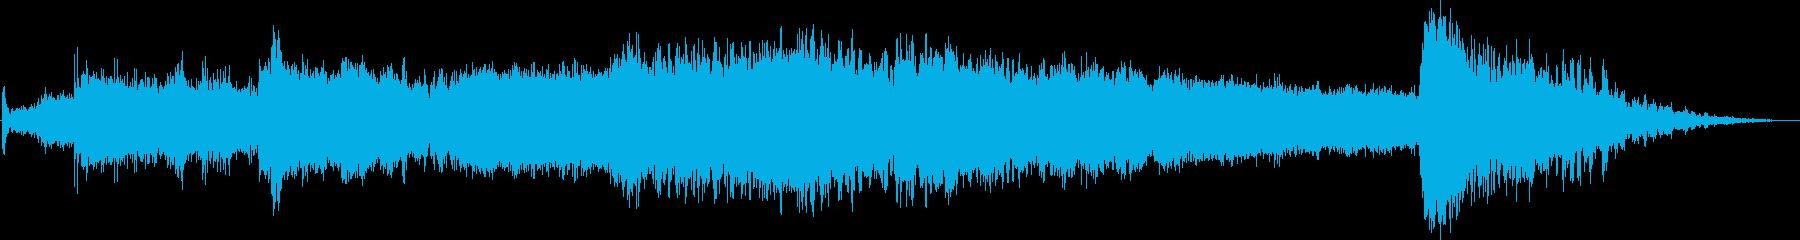 未来のタイムマシン:スタート、ワイ...の再生済みの波形